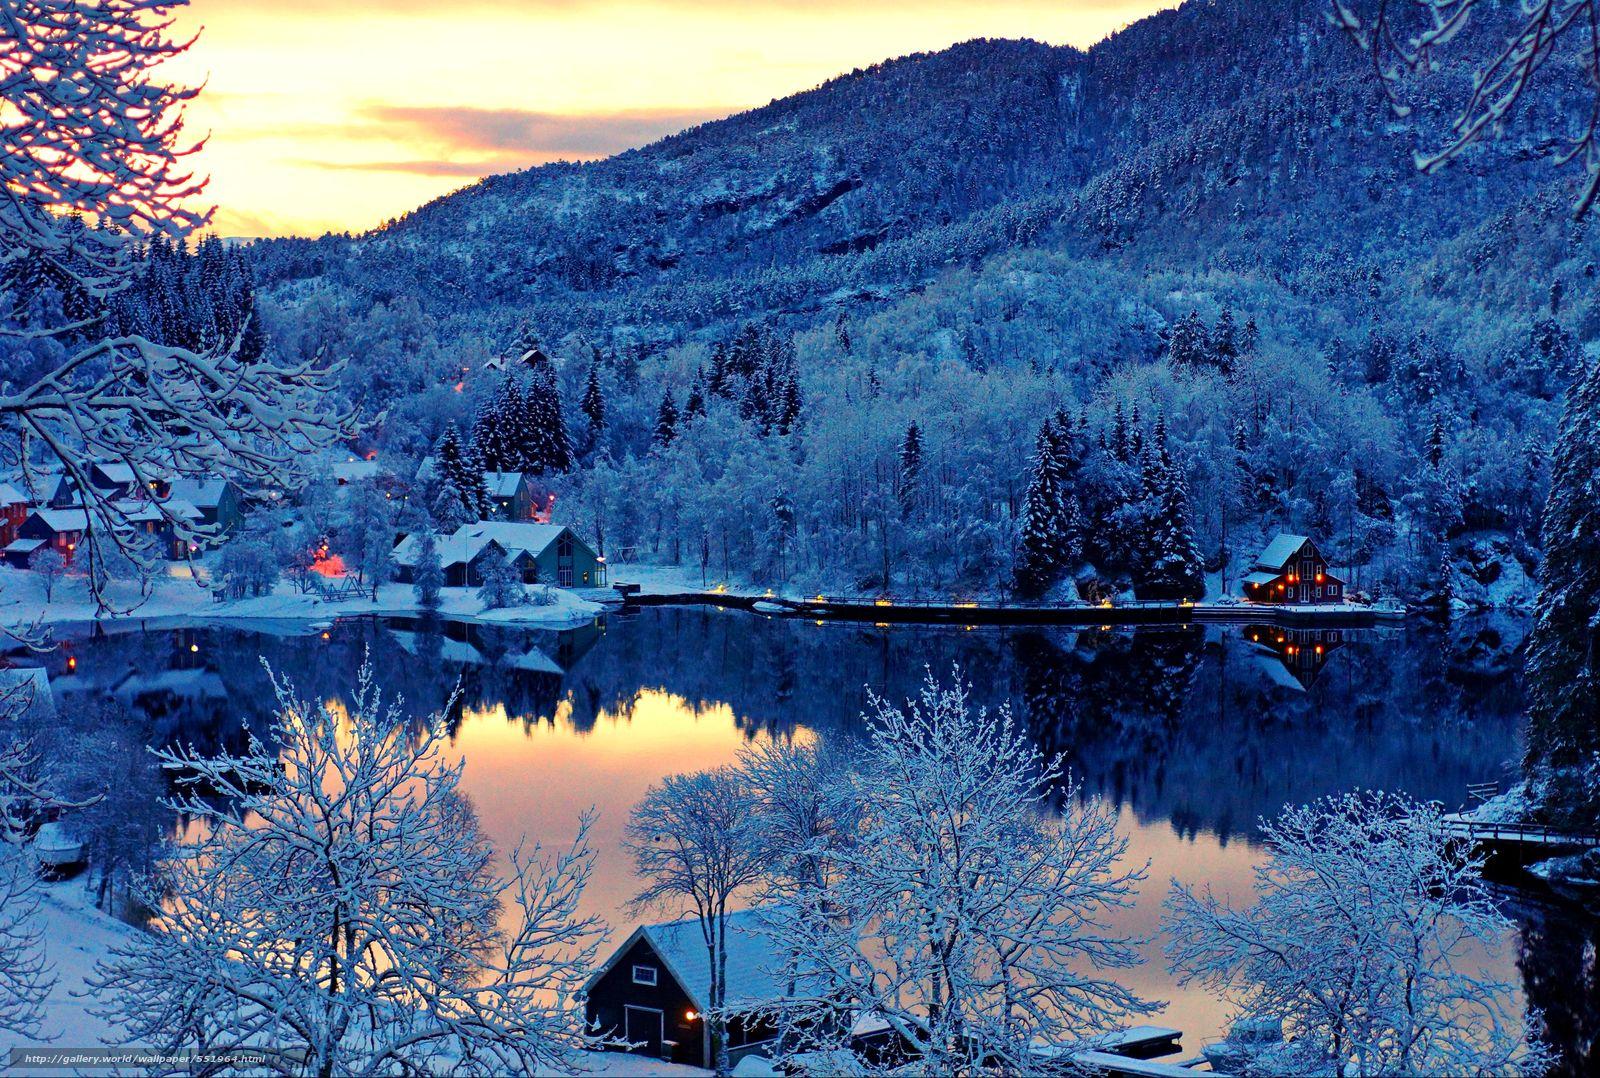 下载壁纸 日落,  芬兰,  家,  湖 免费为您的桌面分辨率的壁纸 5839x3935 — 图片 №551964